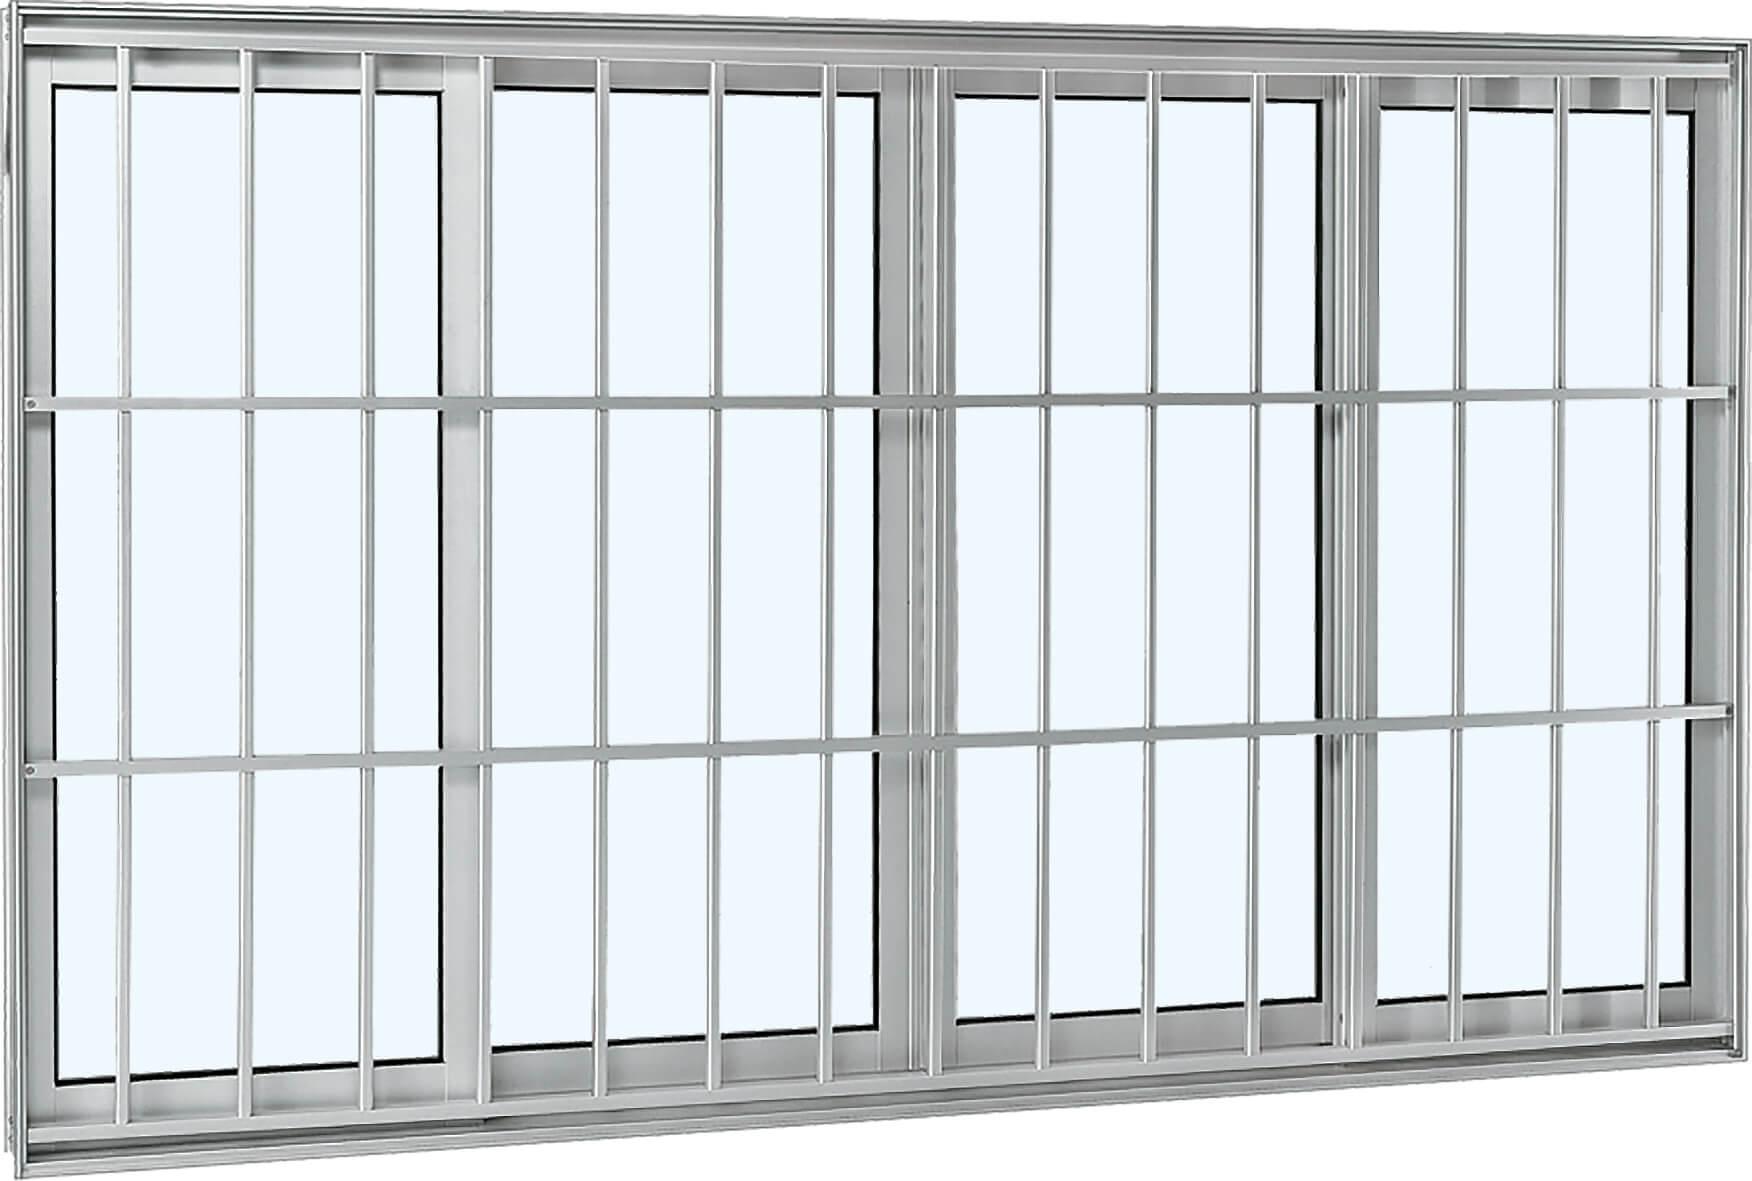 Aluminium Janela de Correr - 1.00x1.50x0.12 Ref. 70.62.605-5 Sasazaki